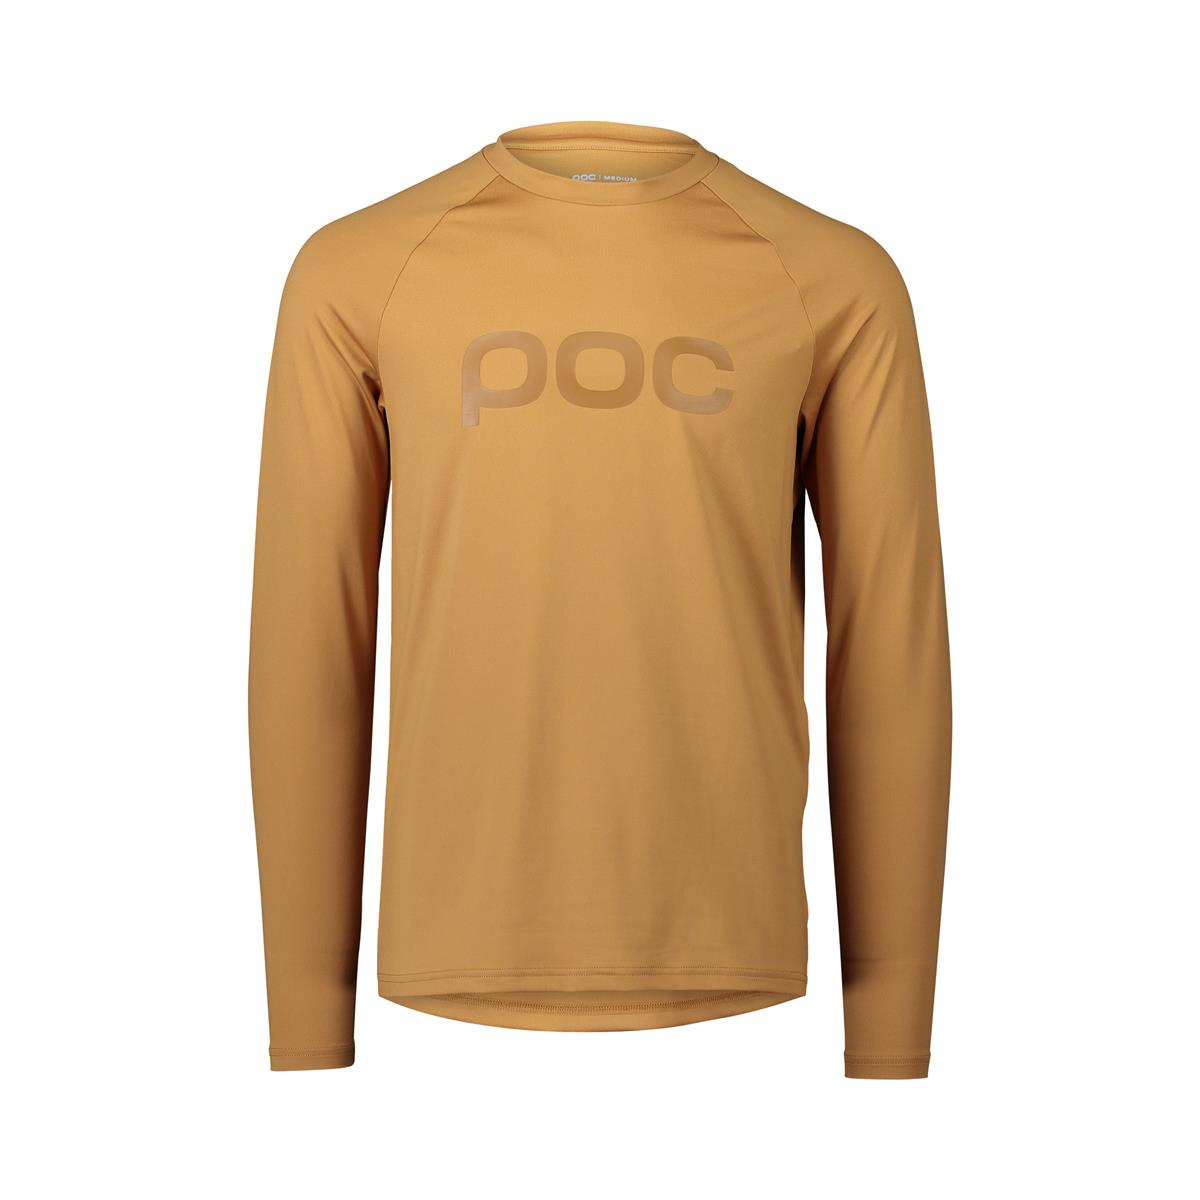 Long-Sleeve Enduro Jersey Reform Man Argonite Brown Size XS